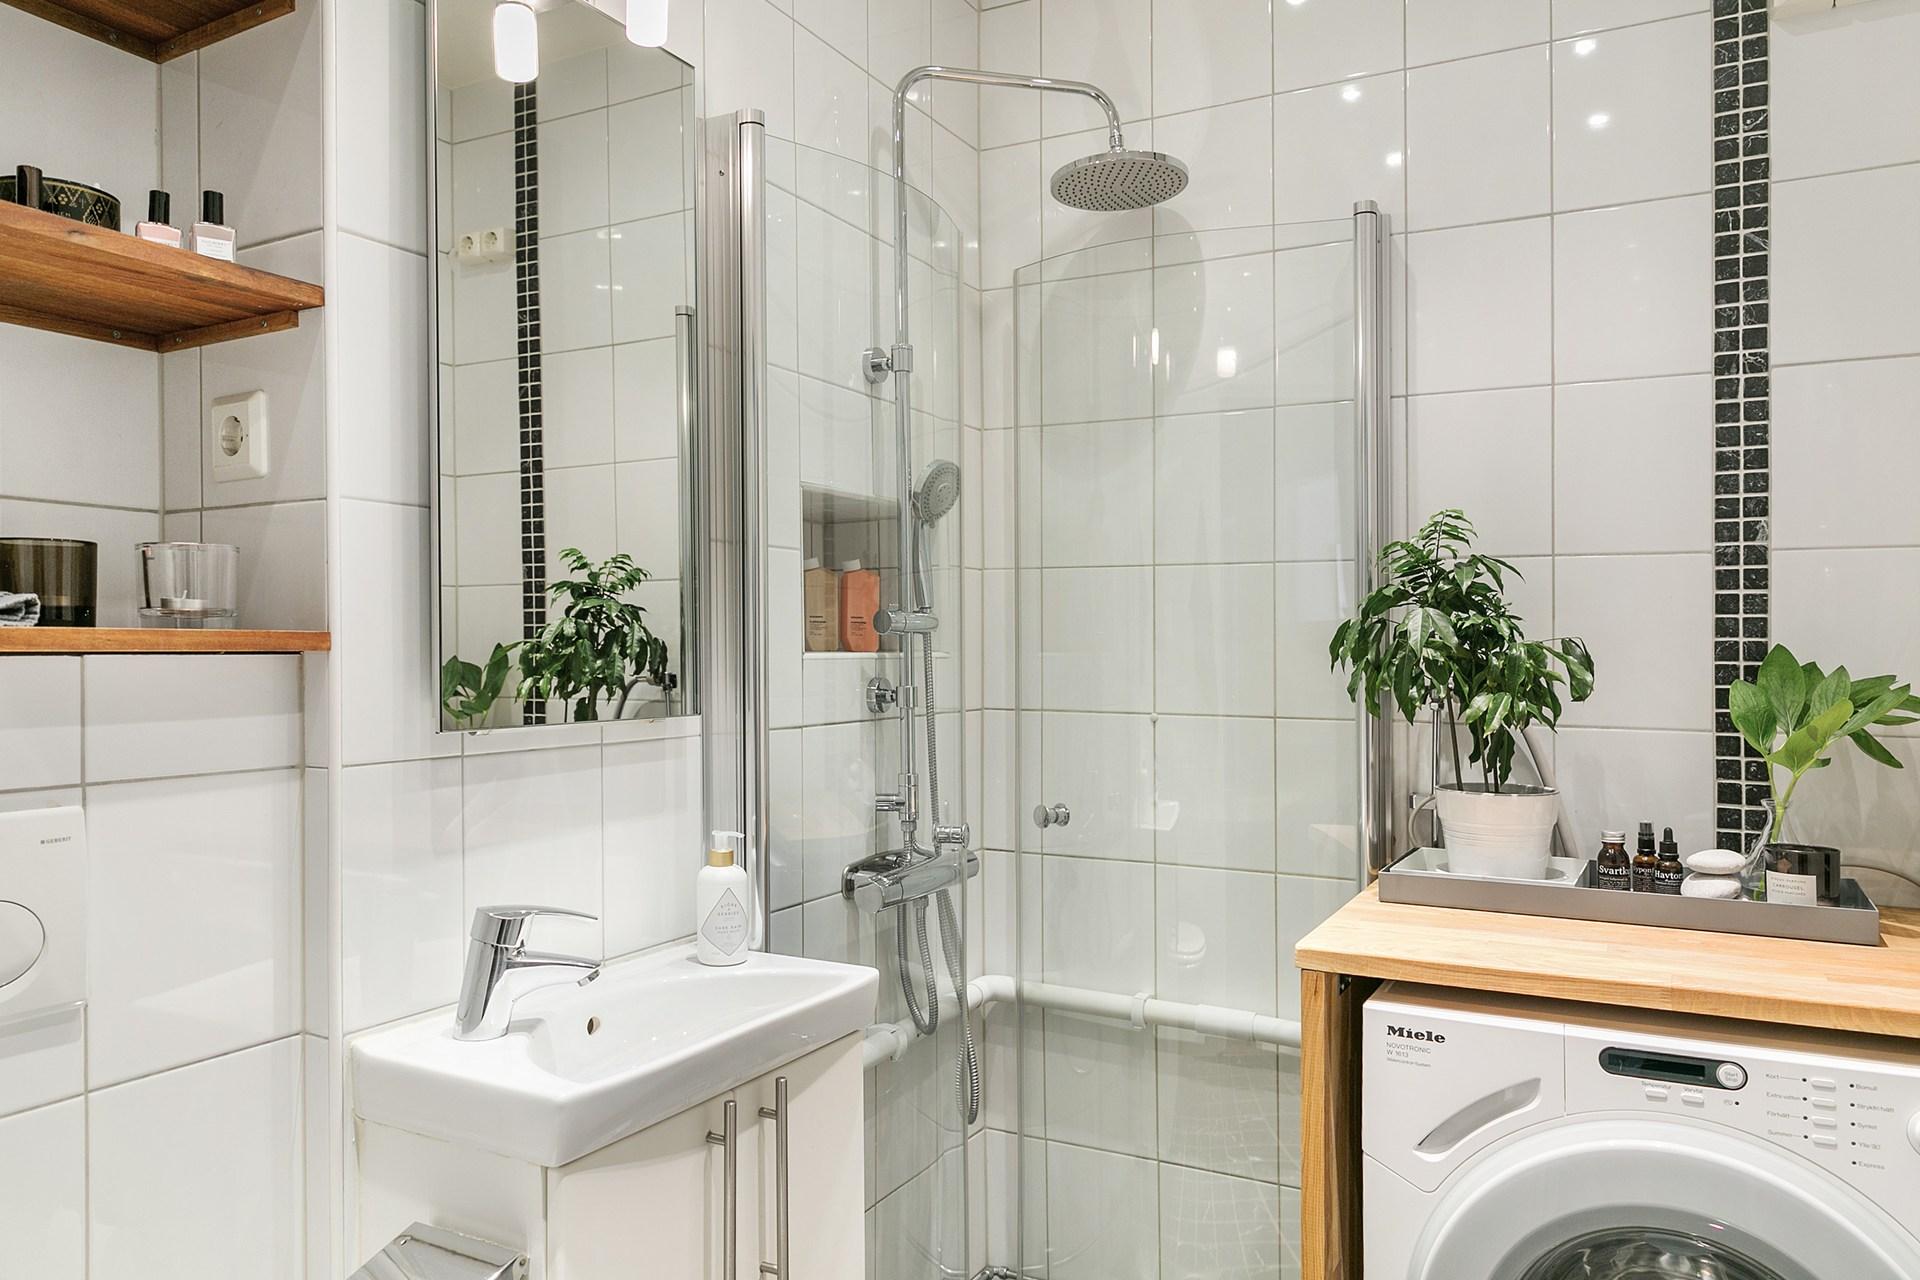 санузел душ раковина зеркало плитка